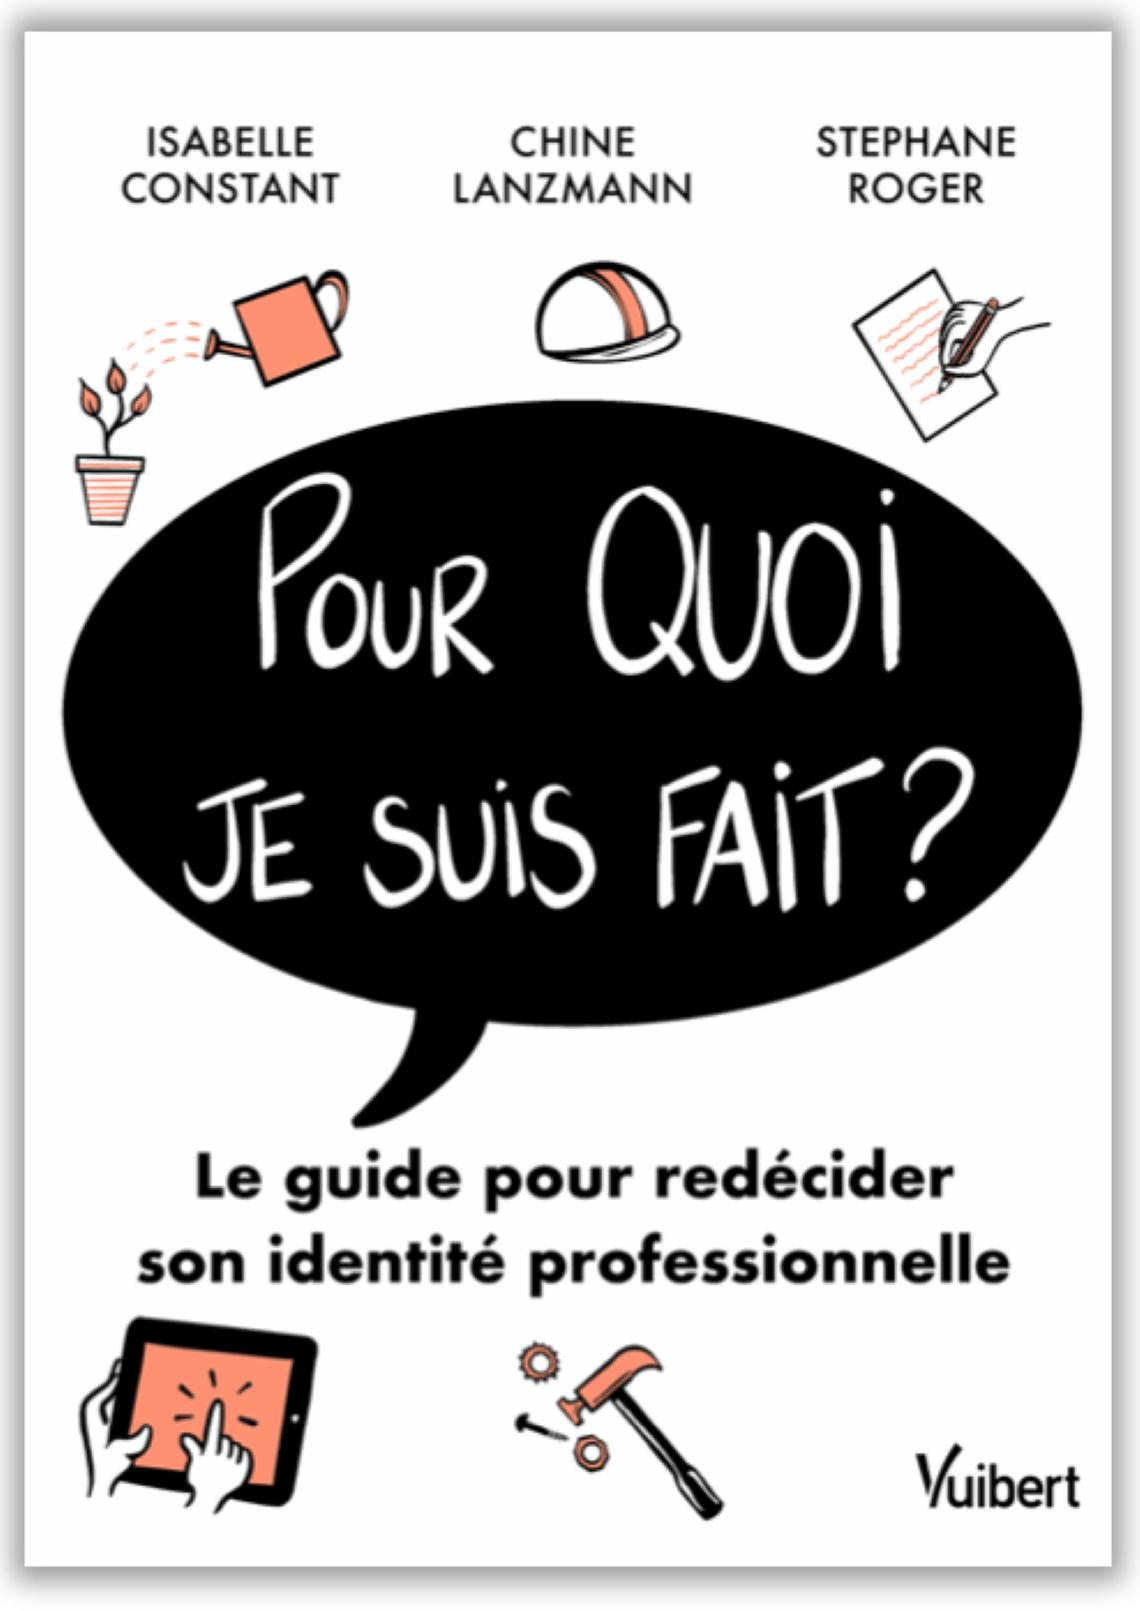 Couverture du livre Pour quoi je suis fait ? : Chine Lanzmann et l'identité professionnelle.